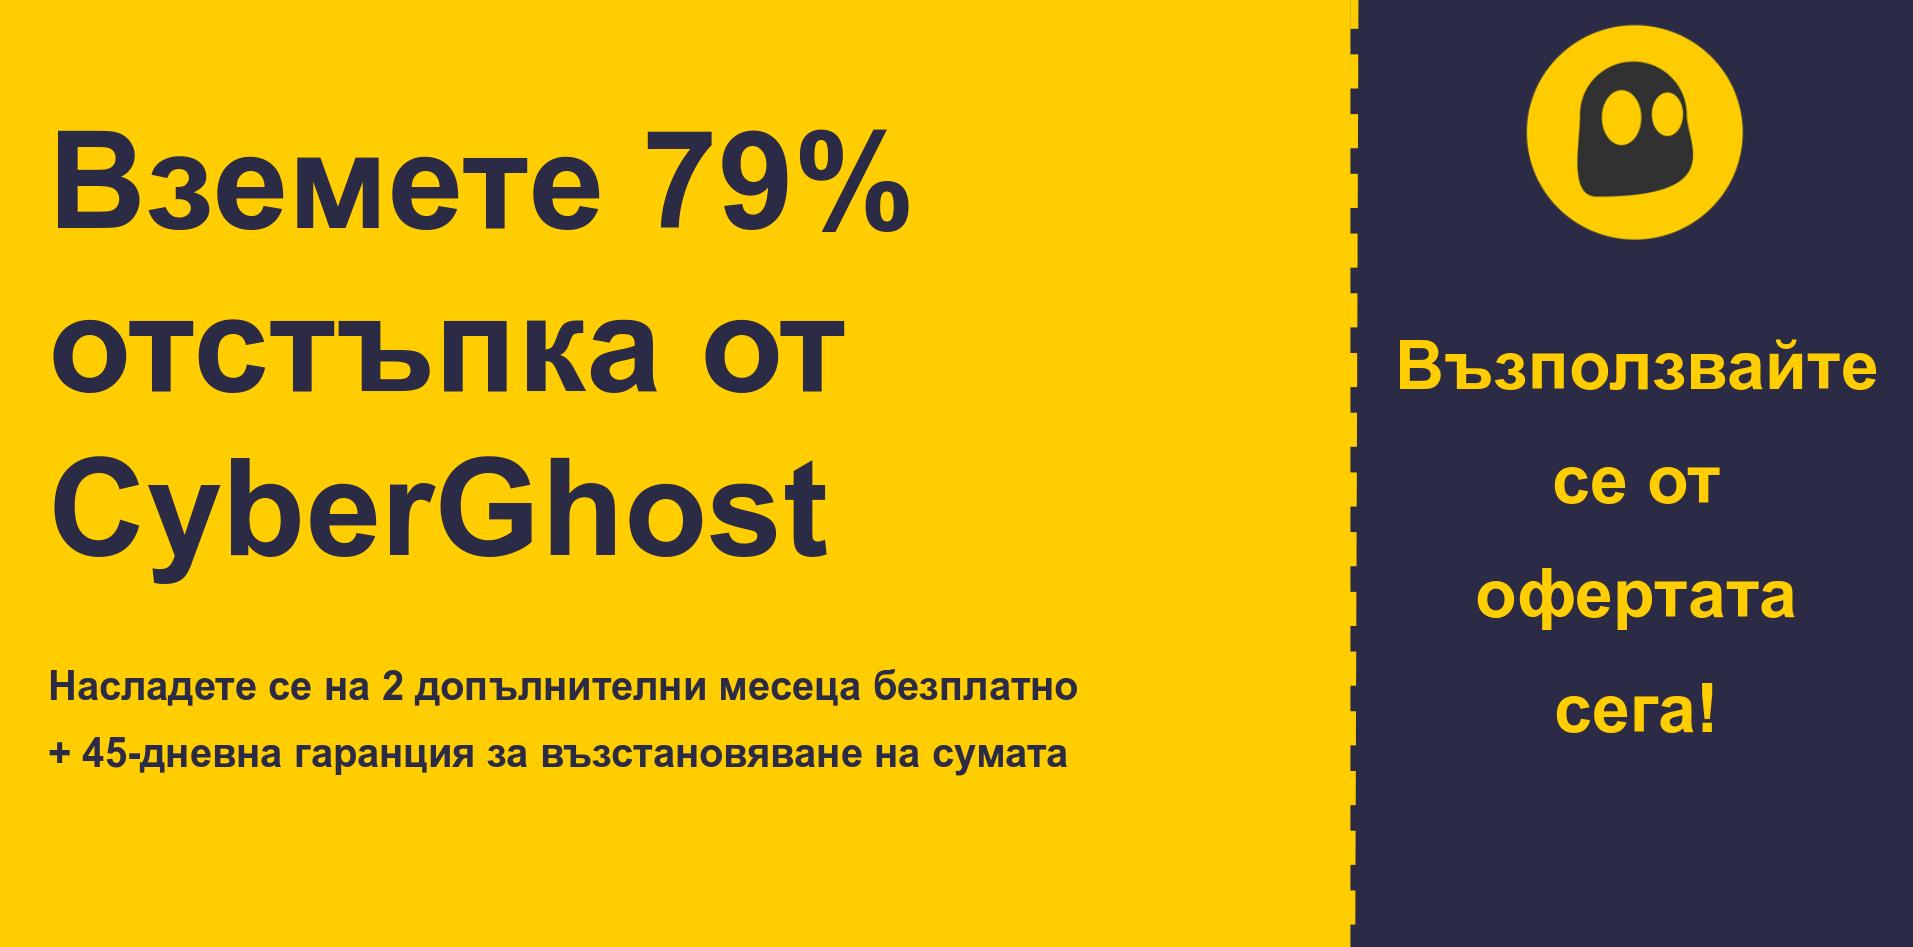 графика на банера на основния талон на CyberGhostVPN, показващ 79% отстъпка